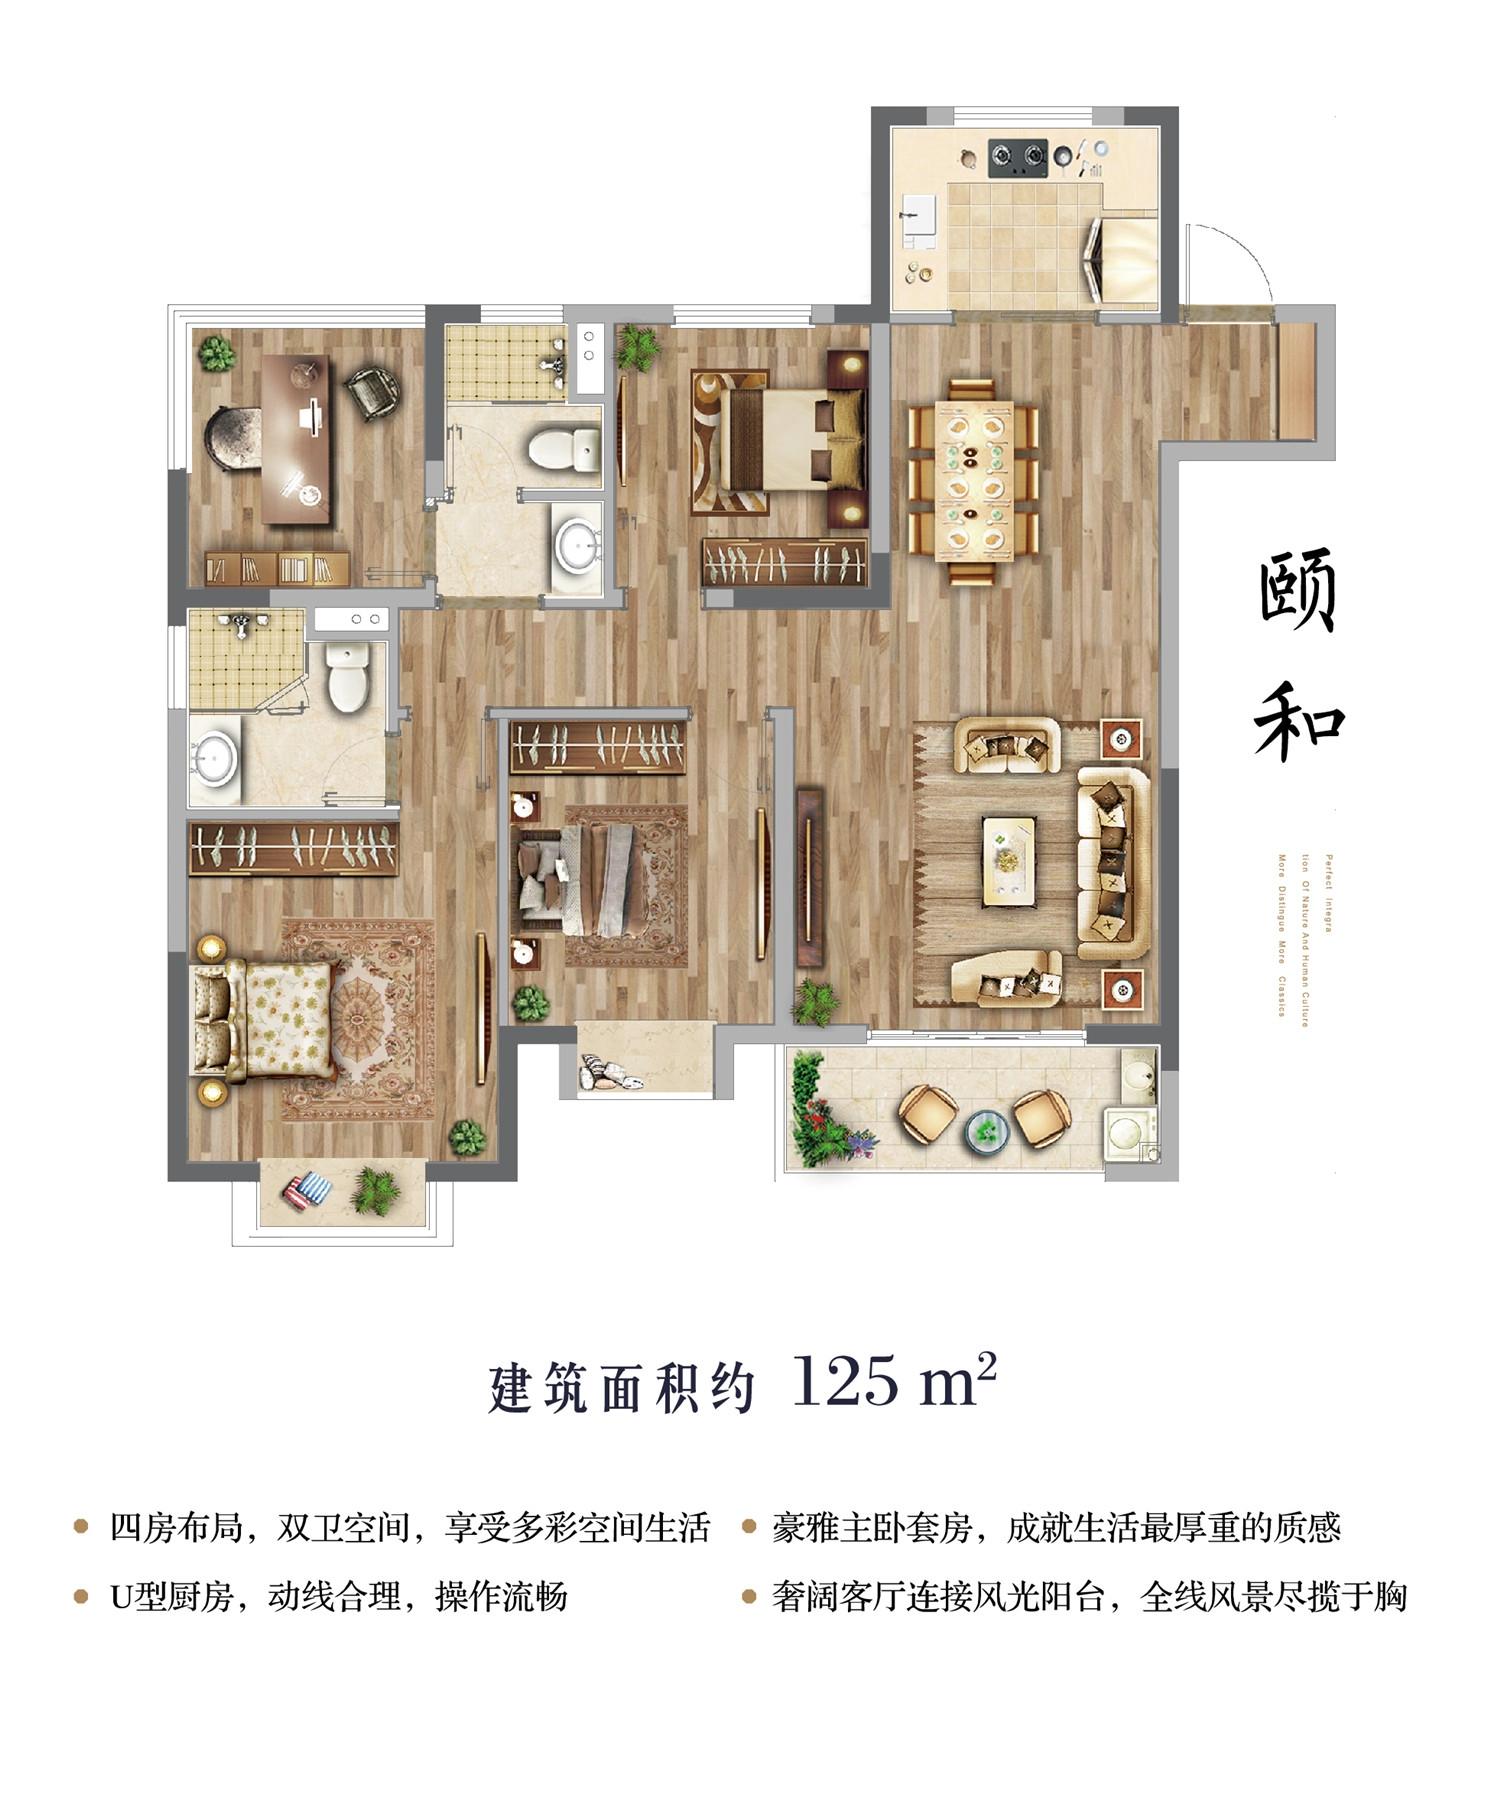 中建国熙公馆125㎡户型